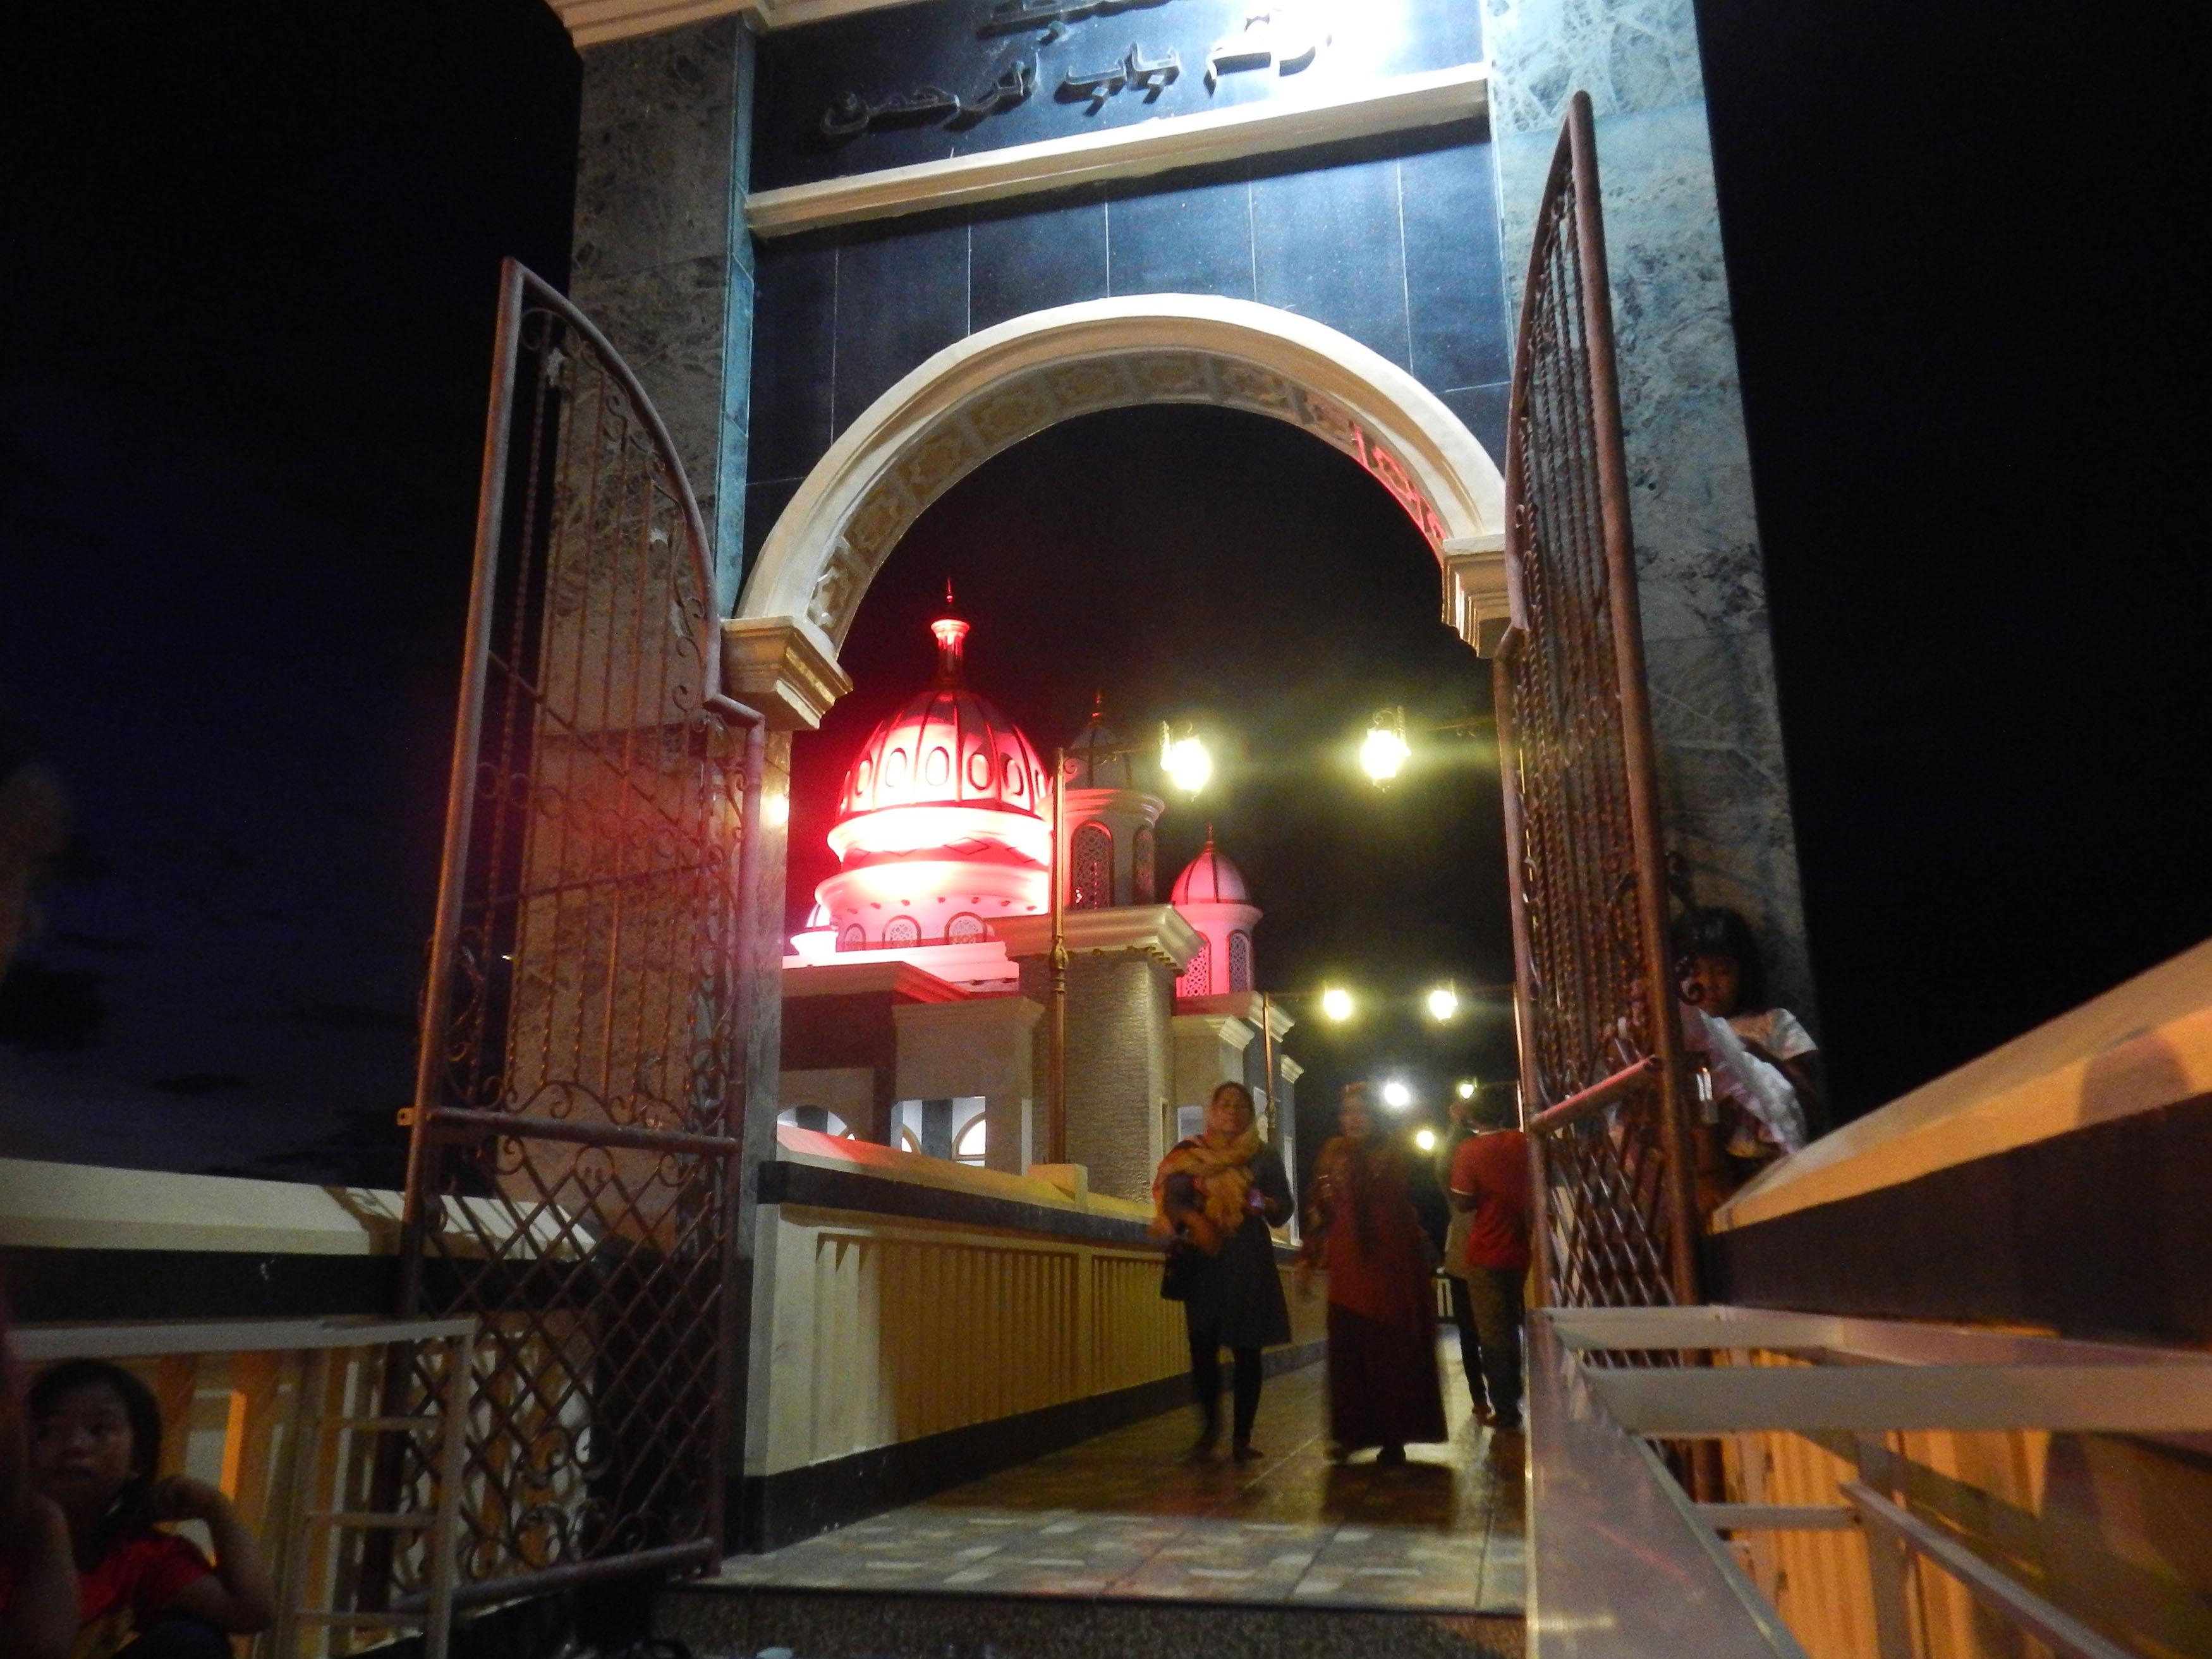 Masjid Terapung Teluk Palu Sulawesi Tengah Berita Daerah Warga Berada